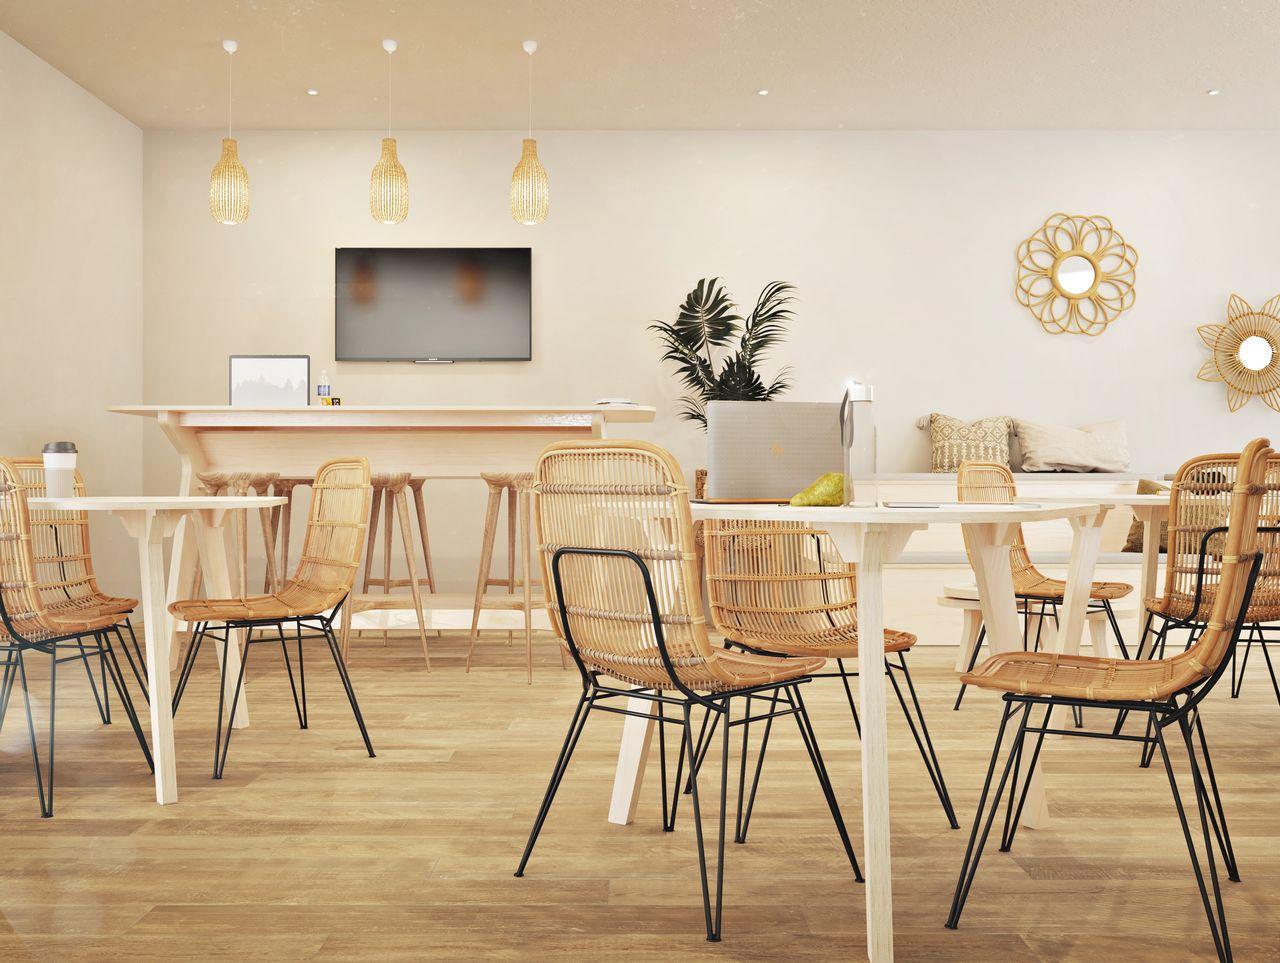 salle de réunion créative avec tables en bois, assises en osier et luminaires aux tons dorés pour une ambiance et un style bohème et végétal